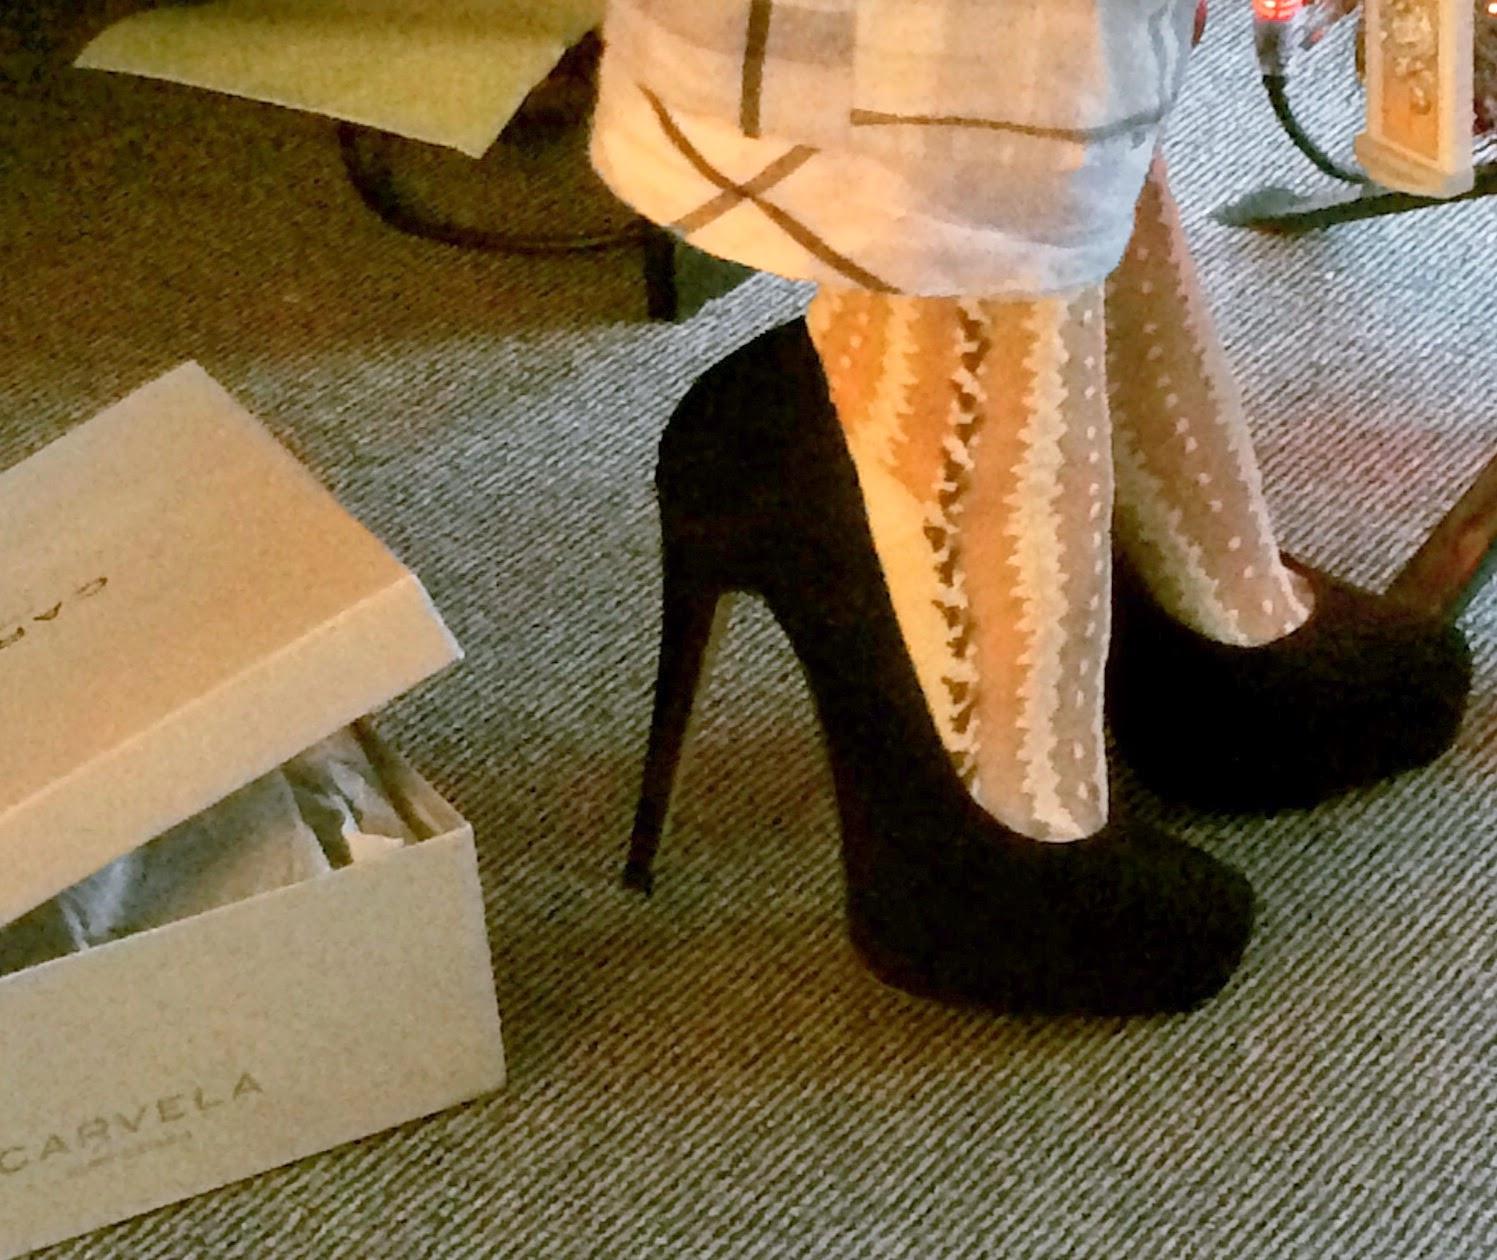 carvela-black-heels-shoes